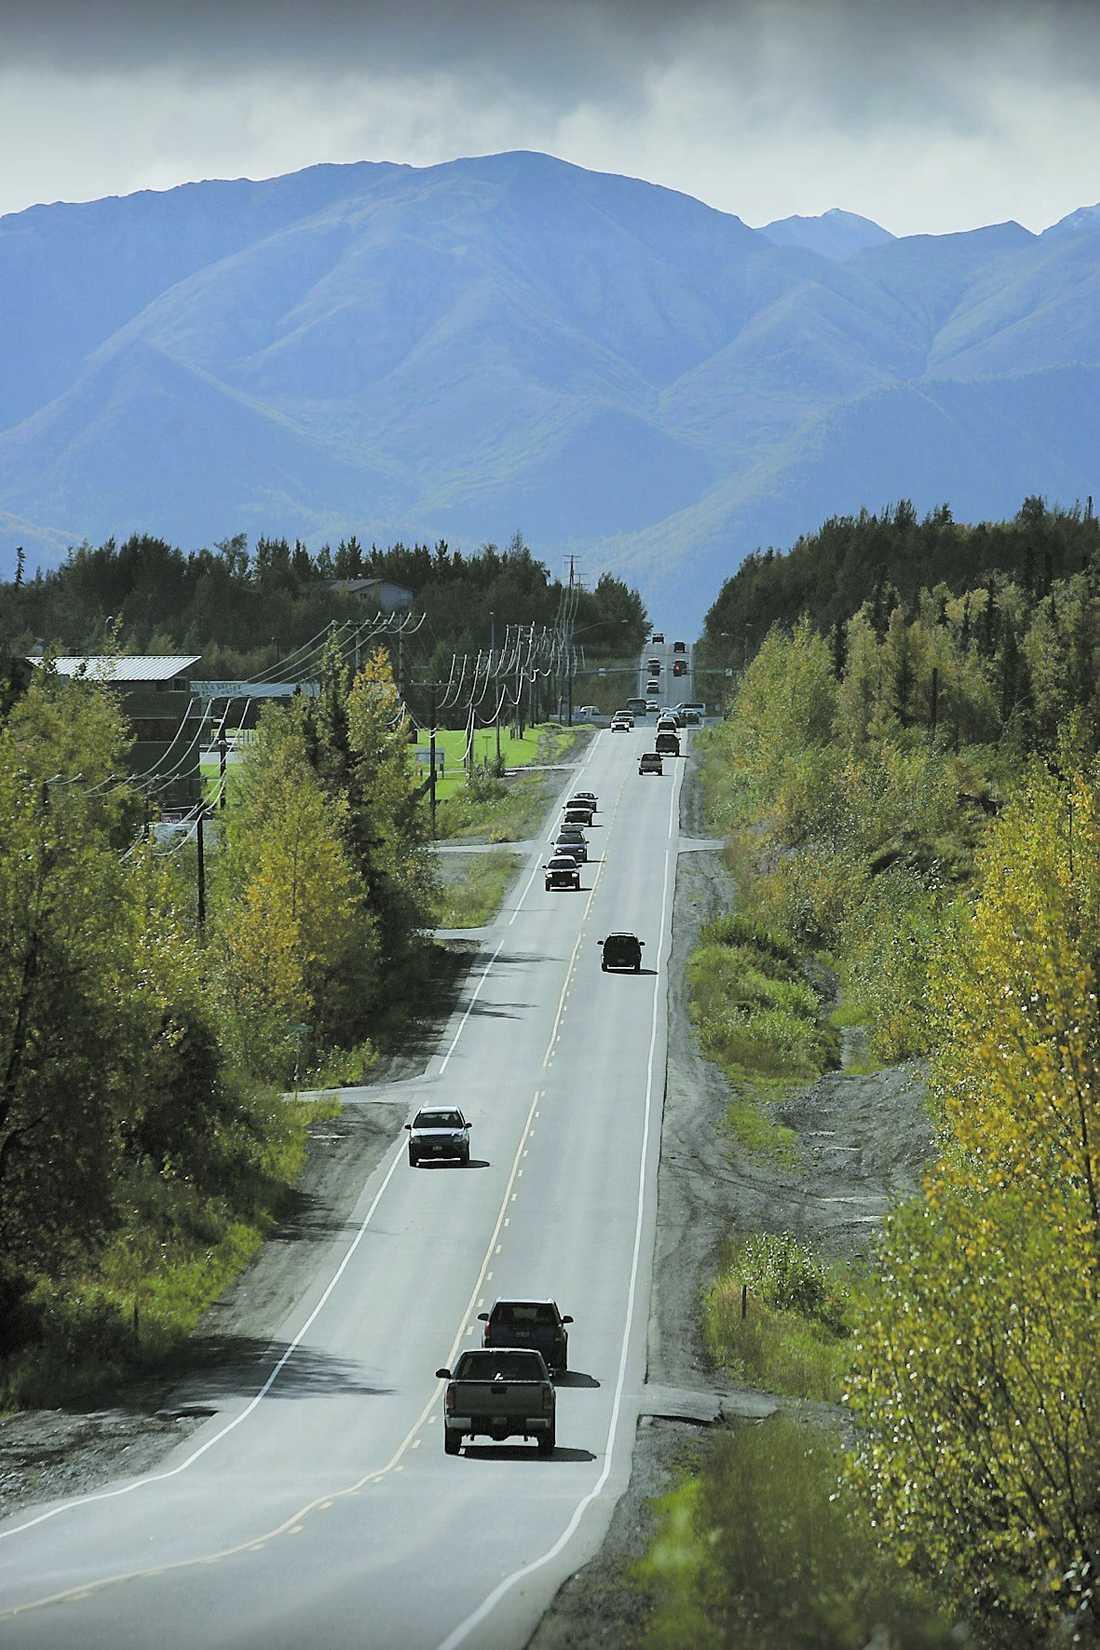 vägen hem – till palin Den lilla staden Wasilla ligger i en vacker och prunknade dal mellan dramatiska berg. Familjen Palin bor i ett stort hus vid sjön.